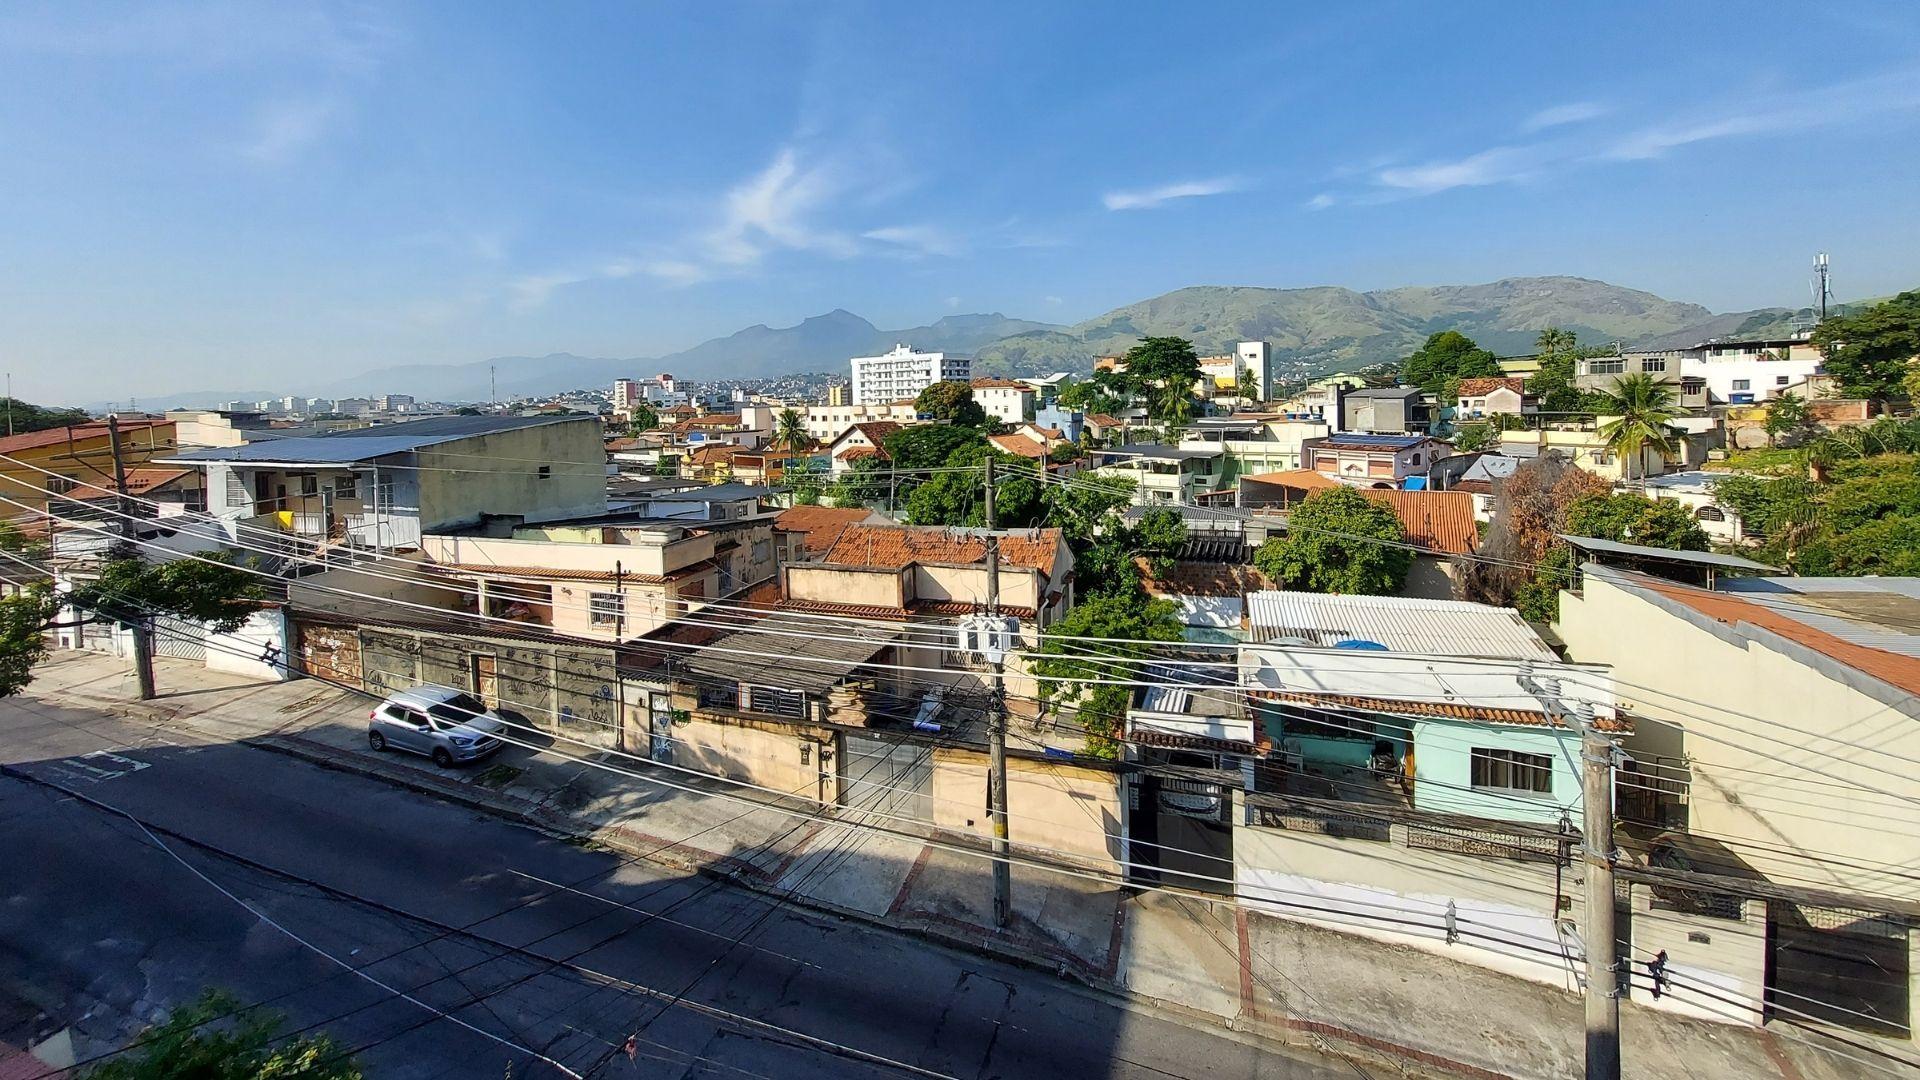 Foto feita durante o dia com a lente ultra-wide do M51 (Foto: Aline Batista/Zoom)